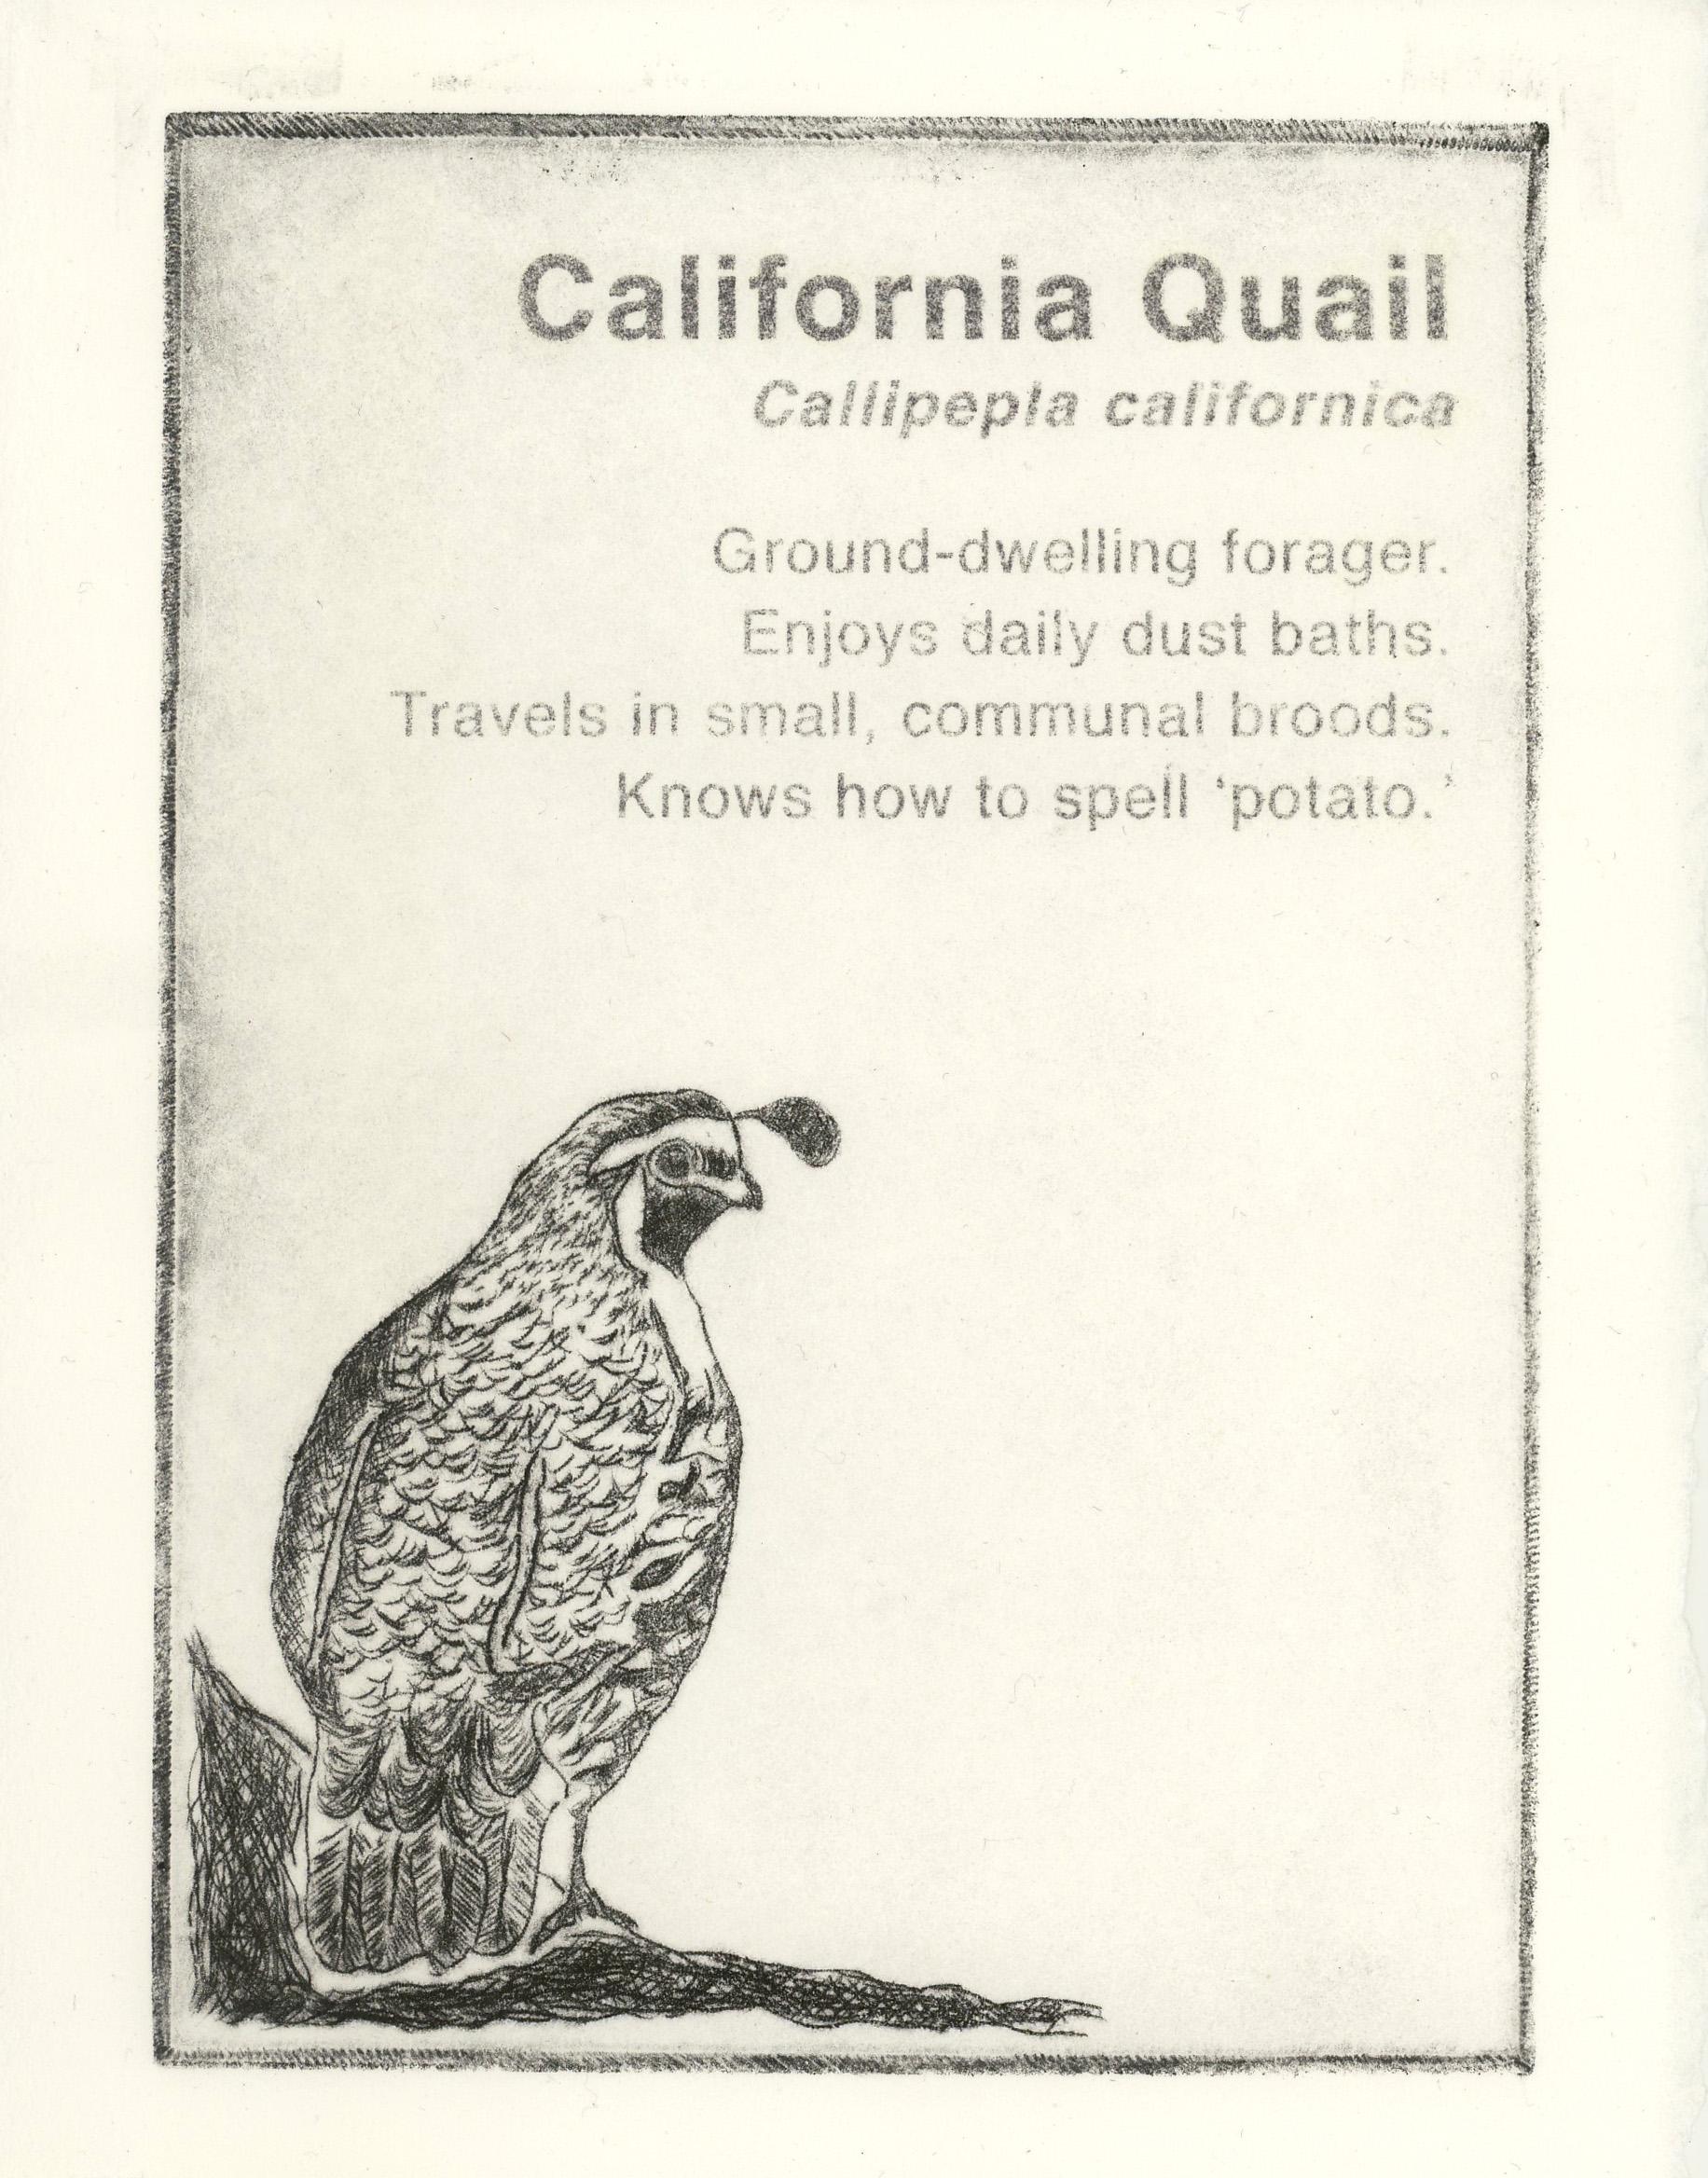 california quail.JPG